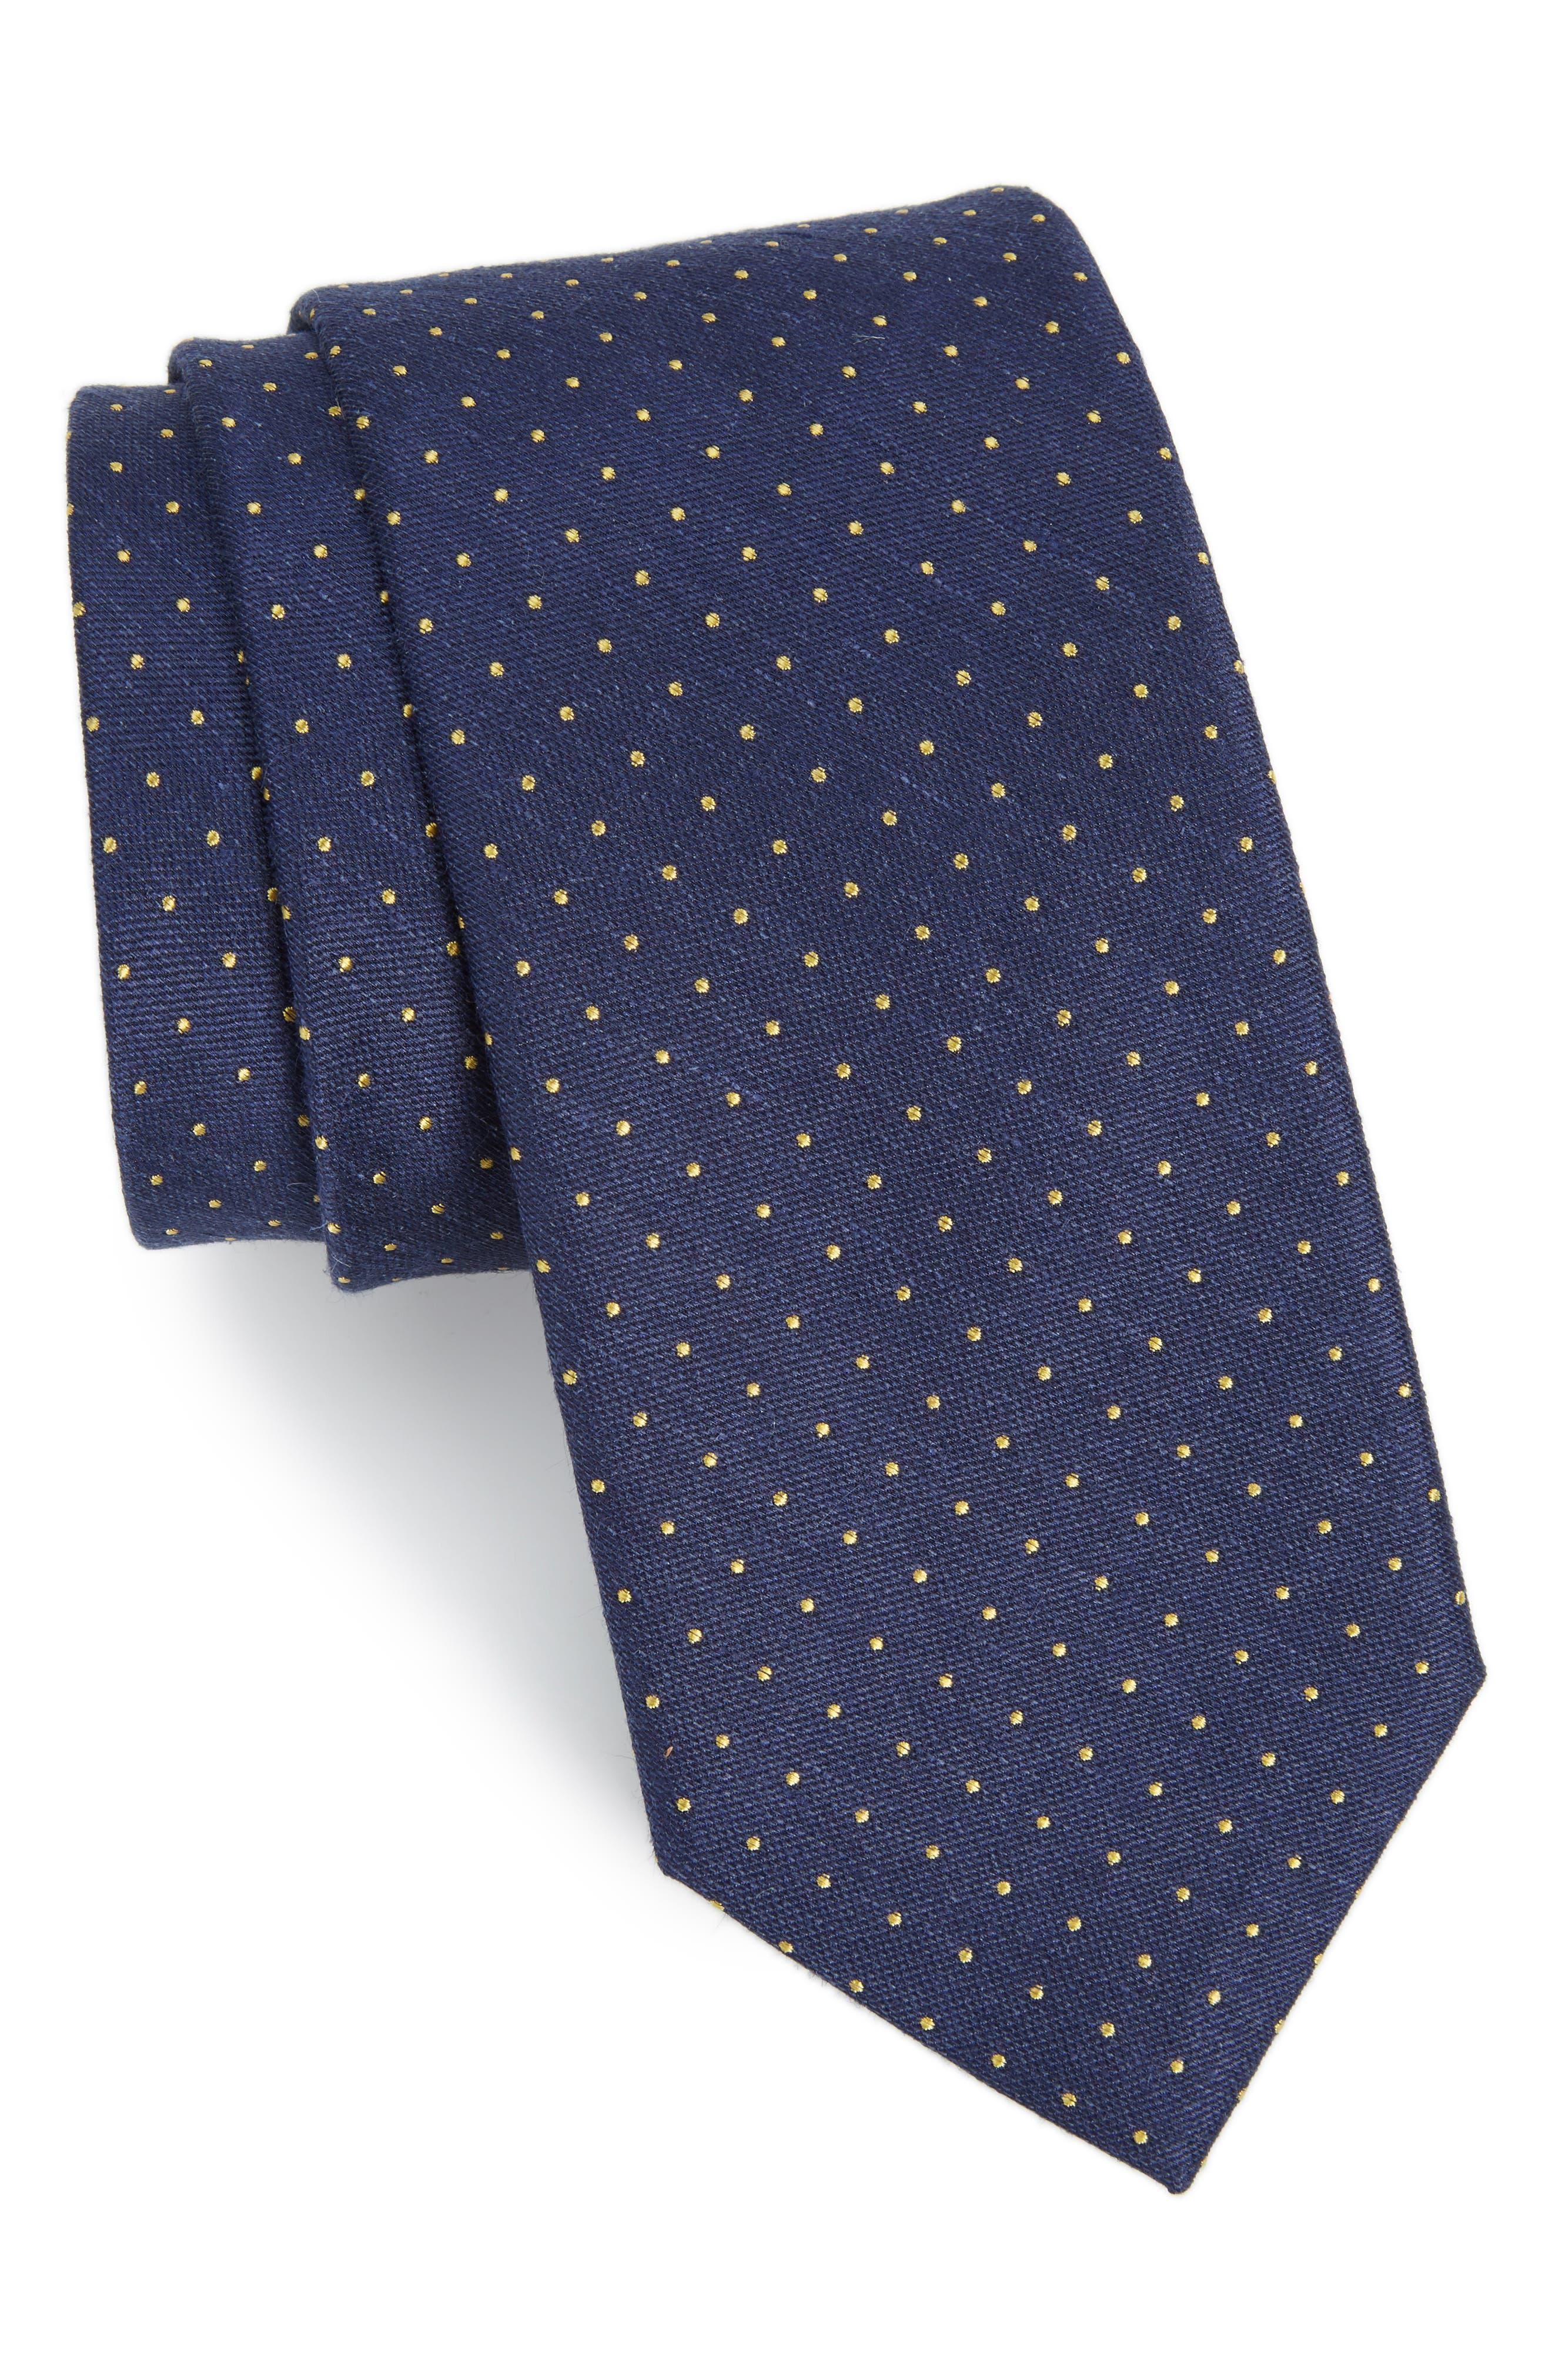 Rivington Dots Silk & Linen Tie,                             Main thumbnail 1, color,